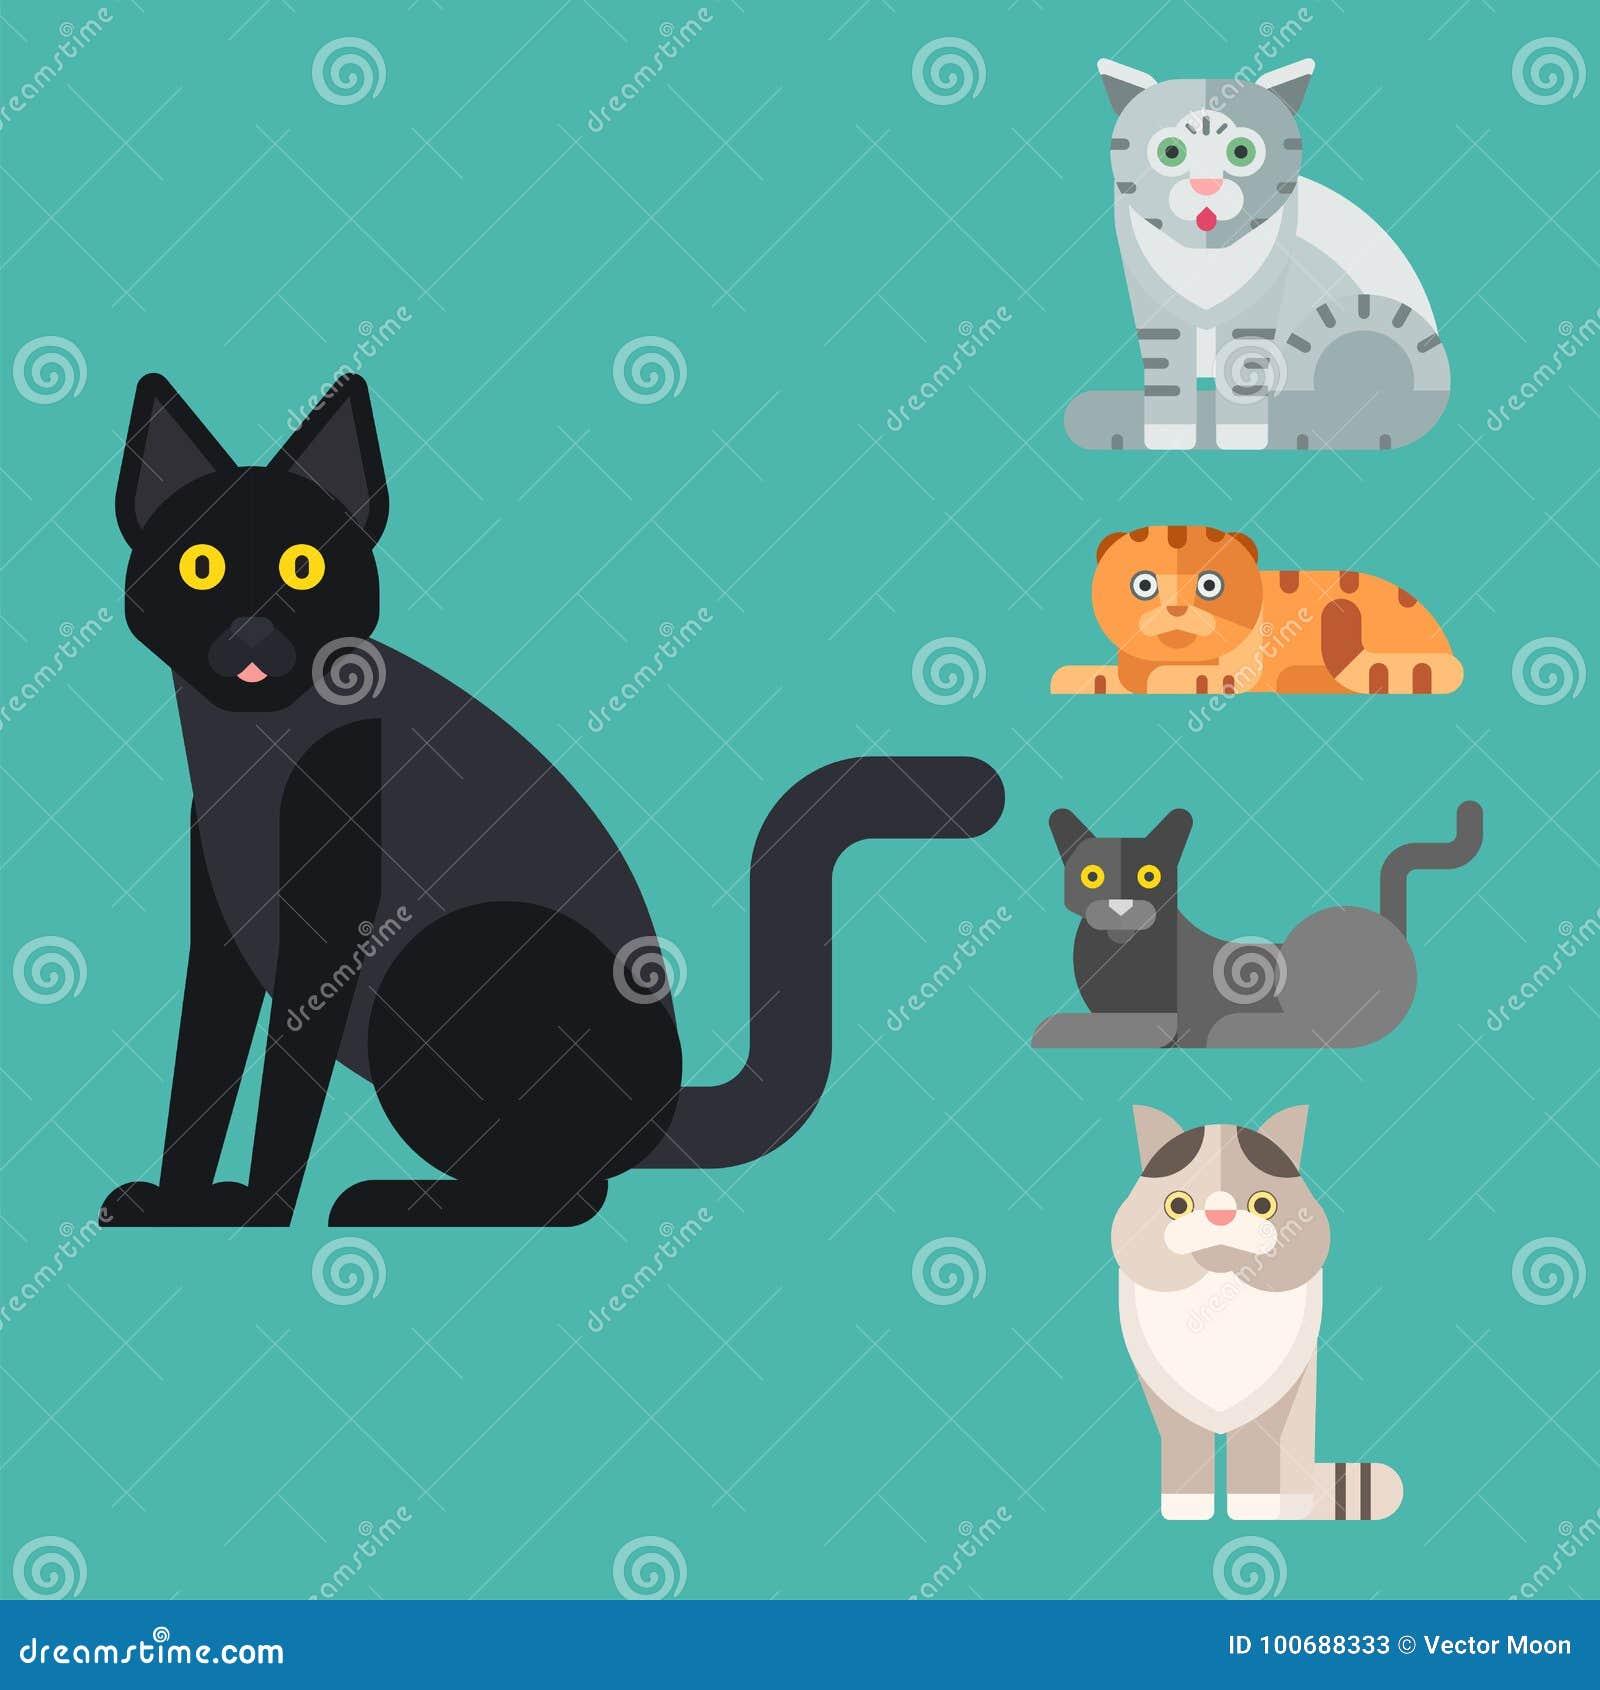 Van de potkarakters van de katten vectorillustratie leuk dierlijk grappig decoratief katachtig binnenlands getrokken het katjes i